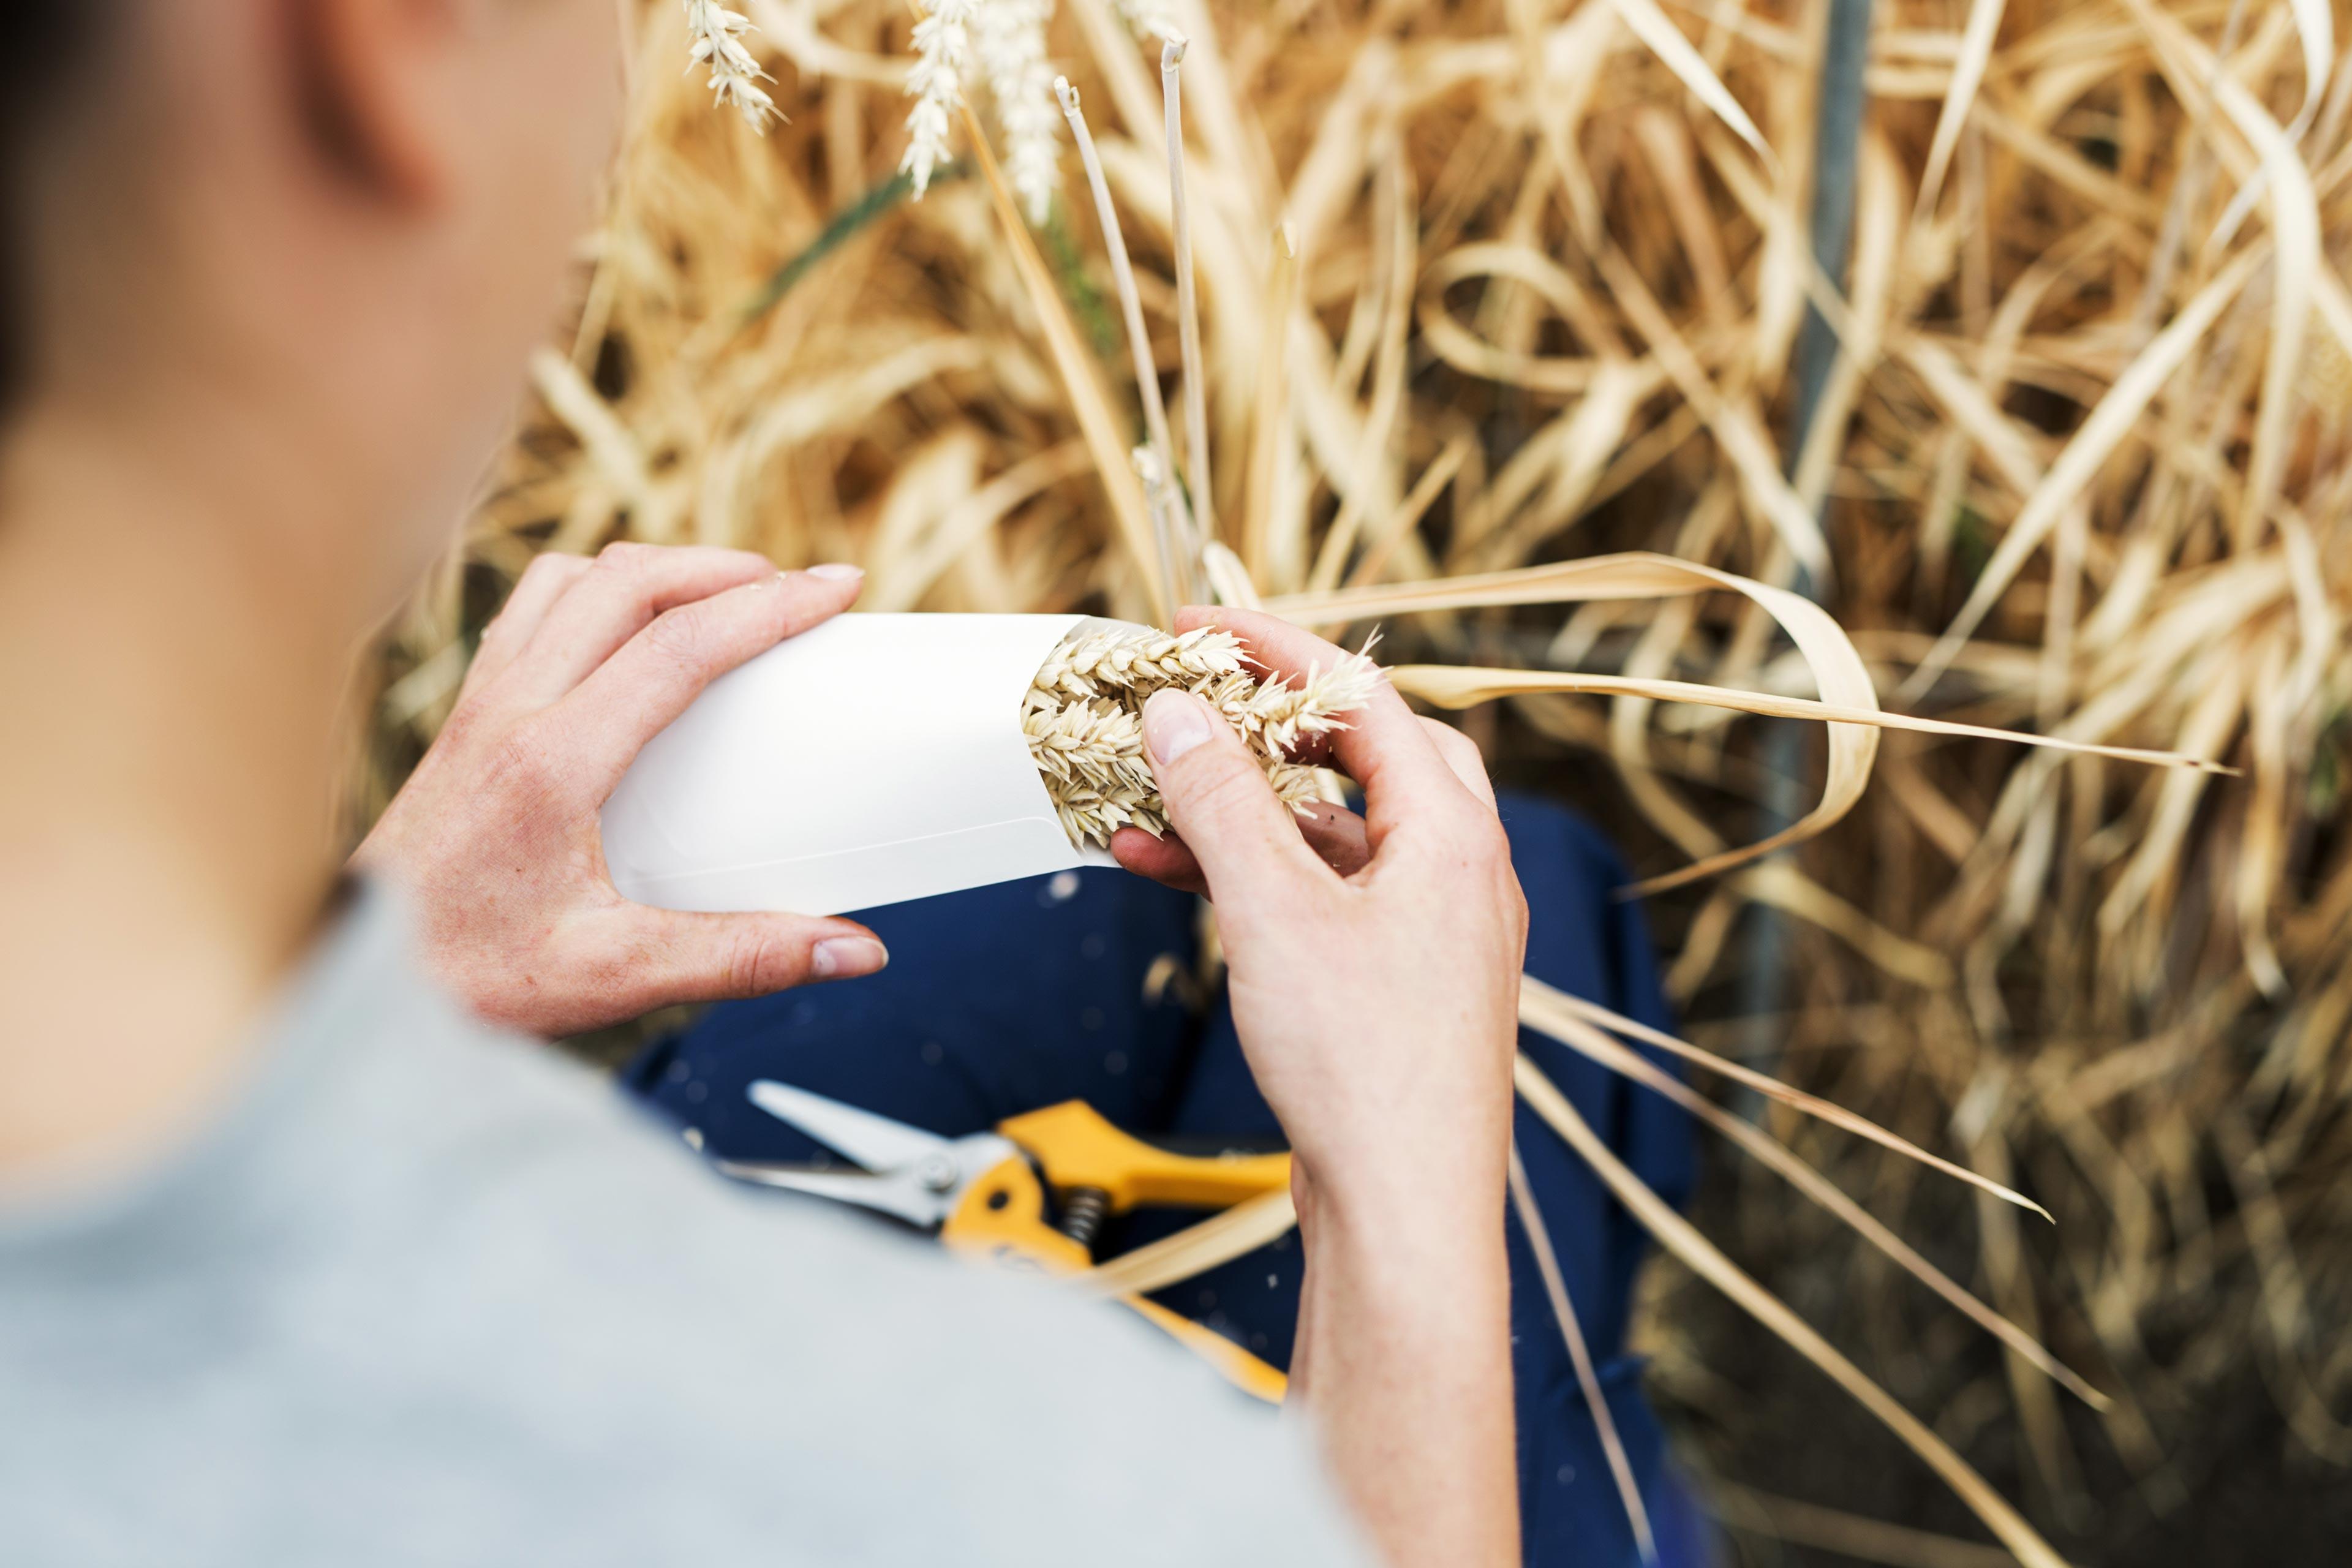 Tjej samlar och plockar ihop vete från ett vetefält